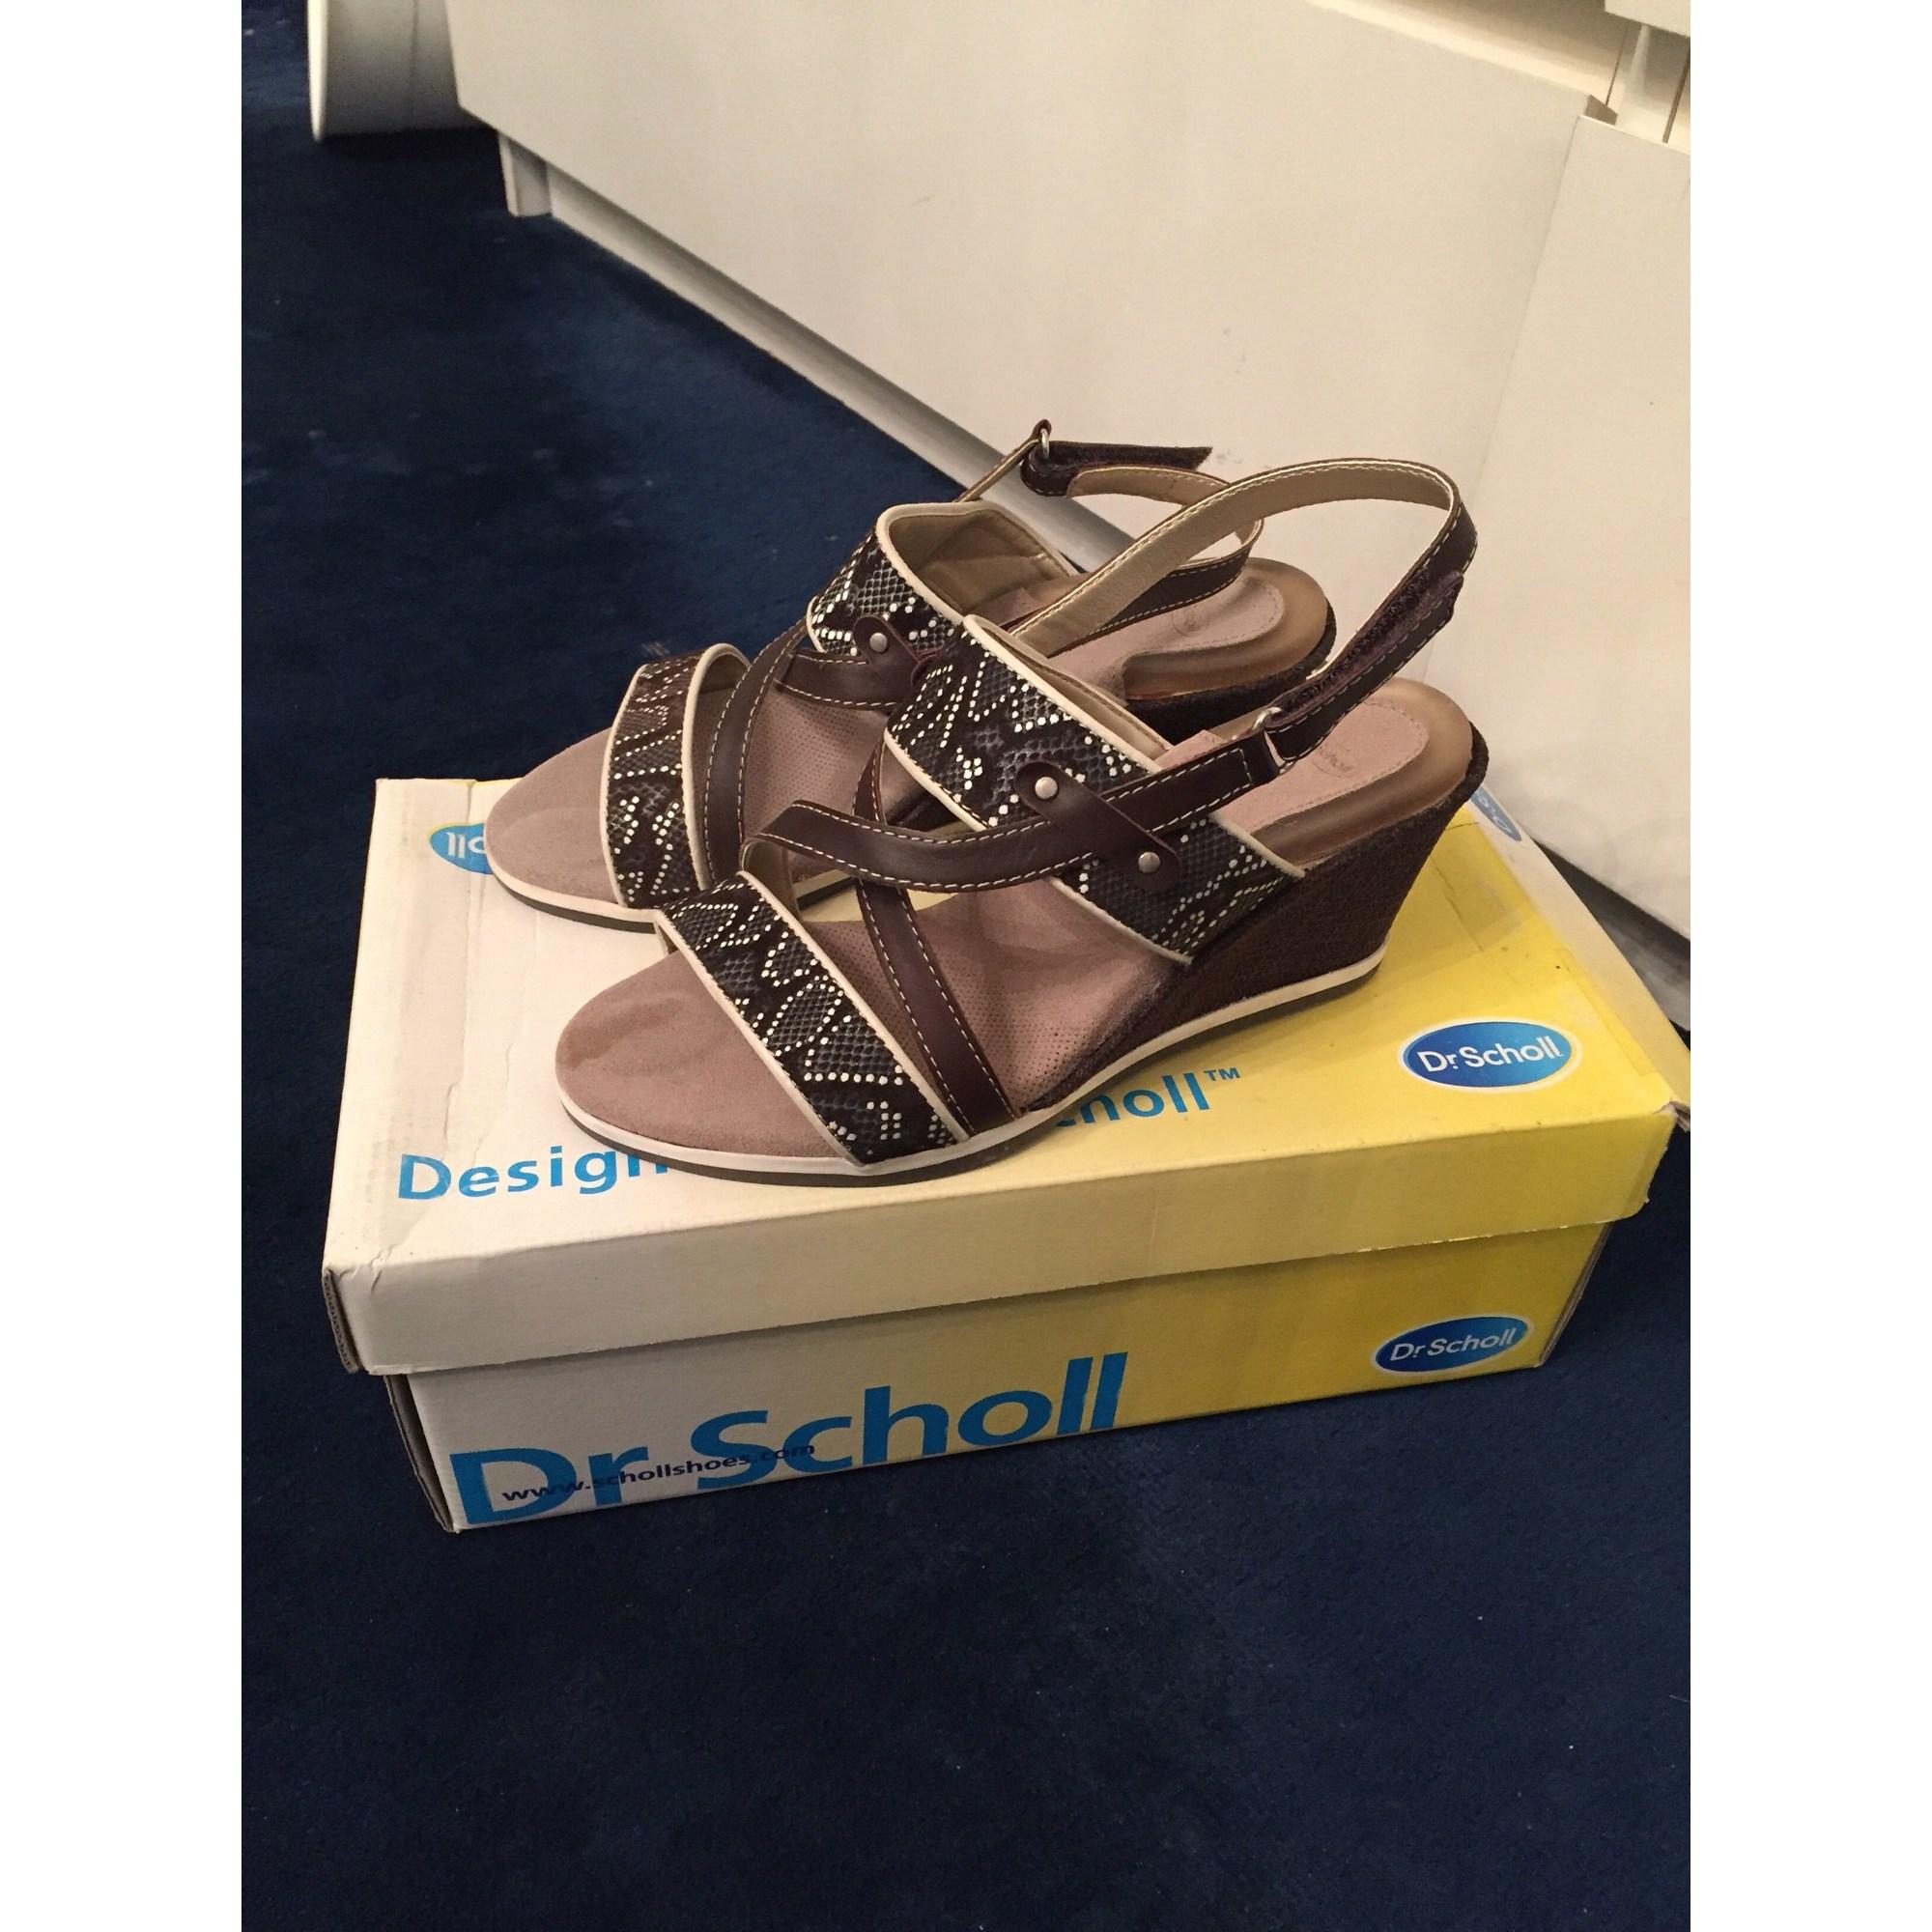 c15af58bc17209 Sandales compensées SCHOLL 36 beige vendu par Alex76 - 6950457